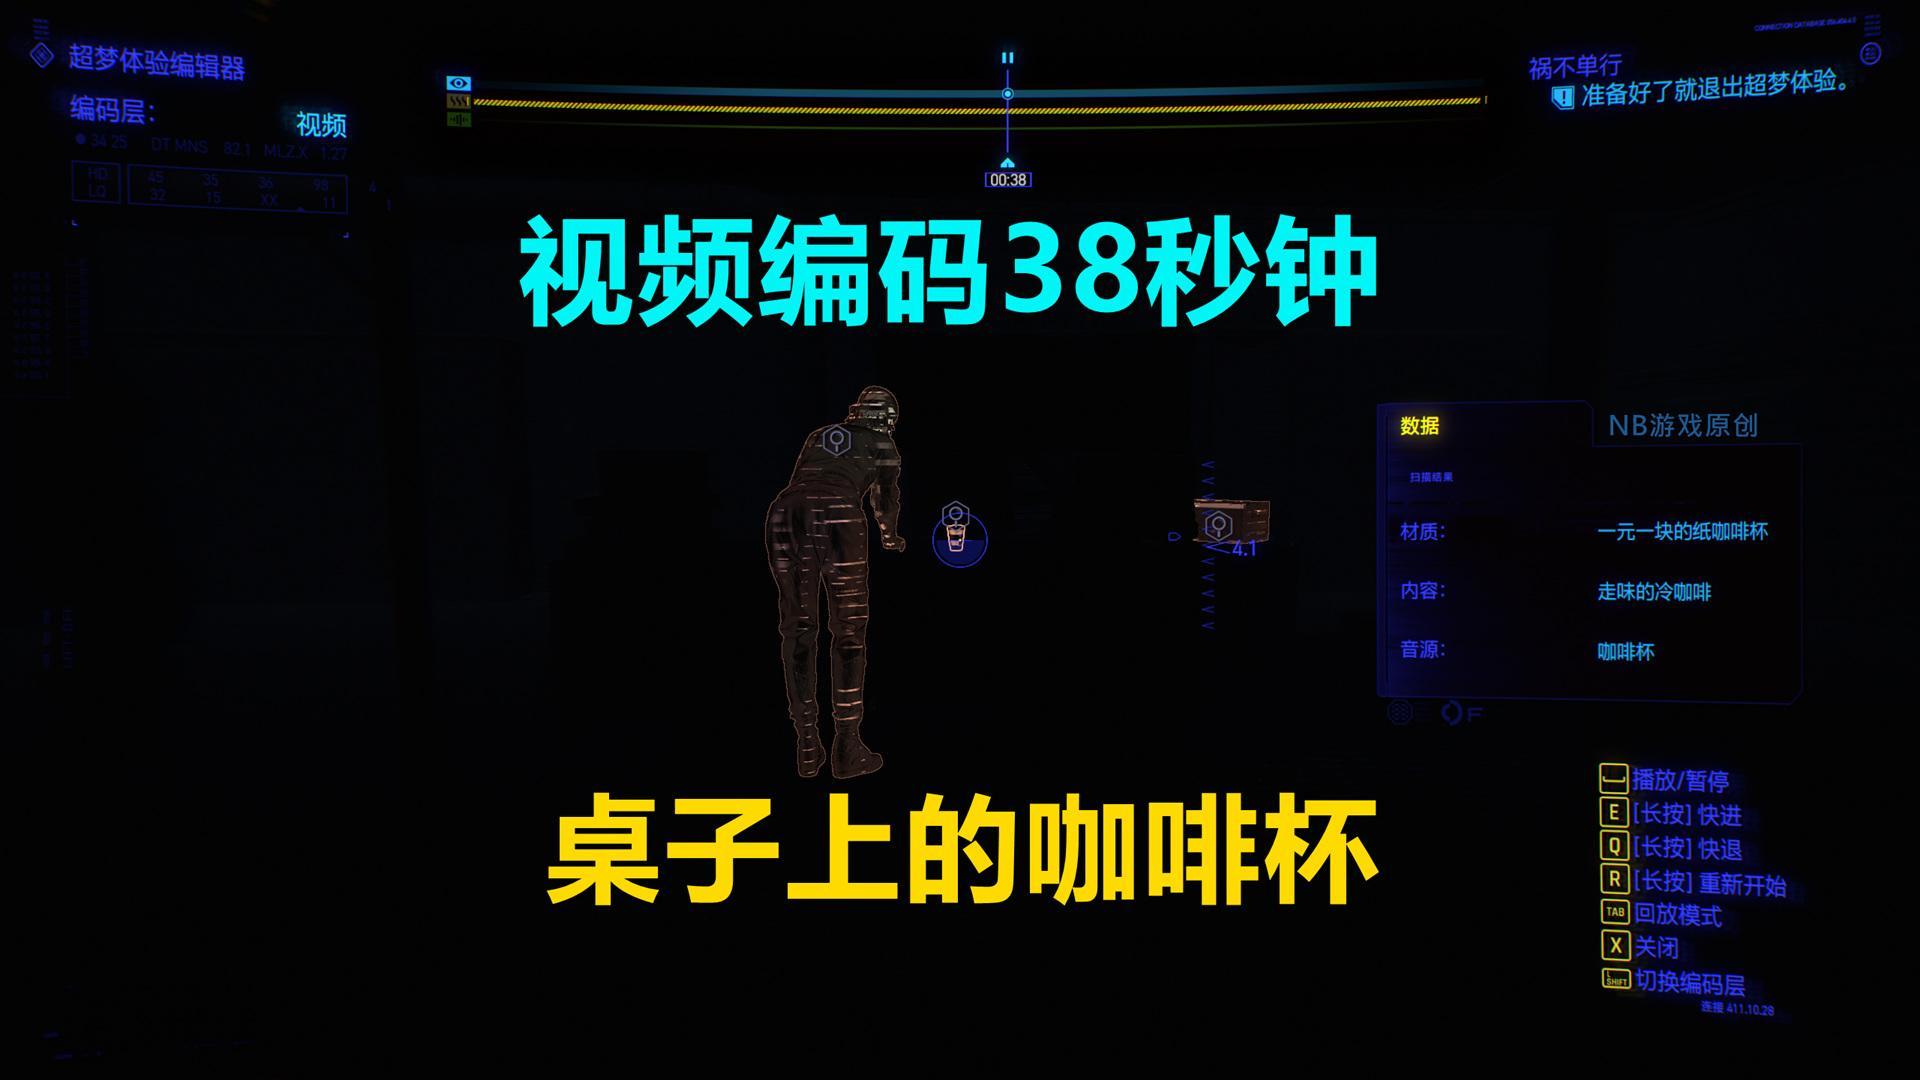 赛博朋克2077祸不单行,分析超梦体验,弄清楚它是在哪录制的